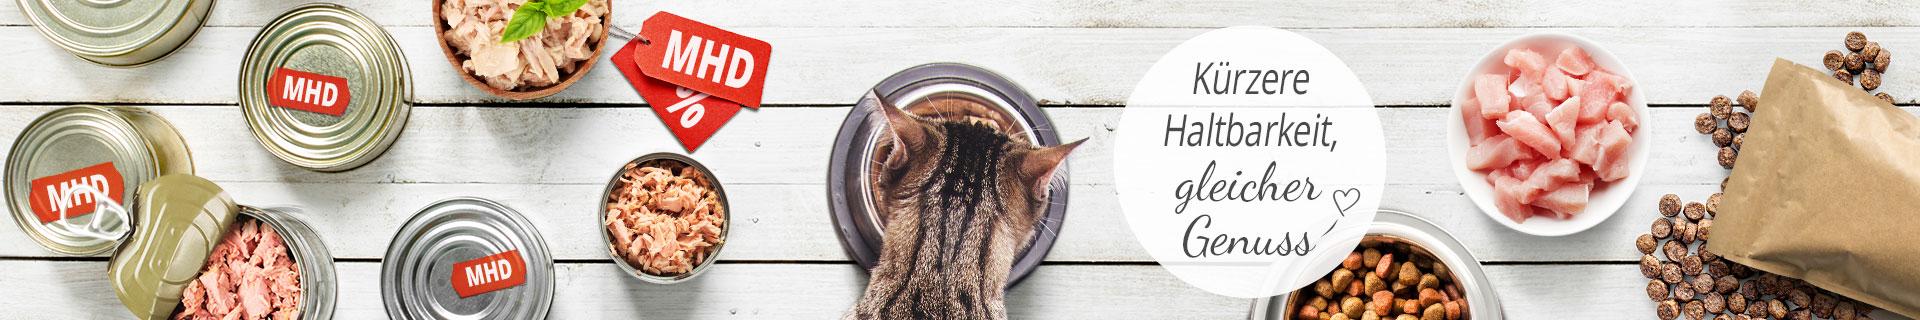 Rabatt Aktion Katze